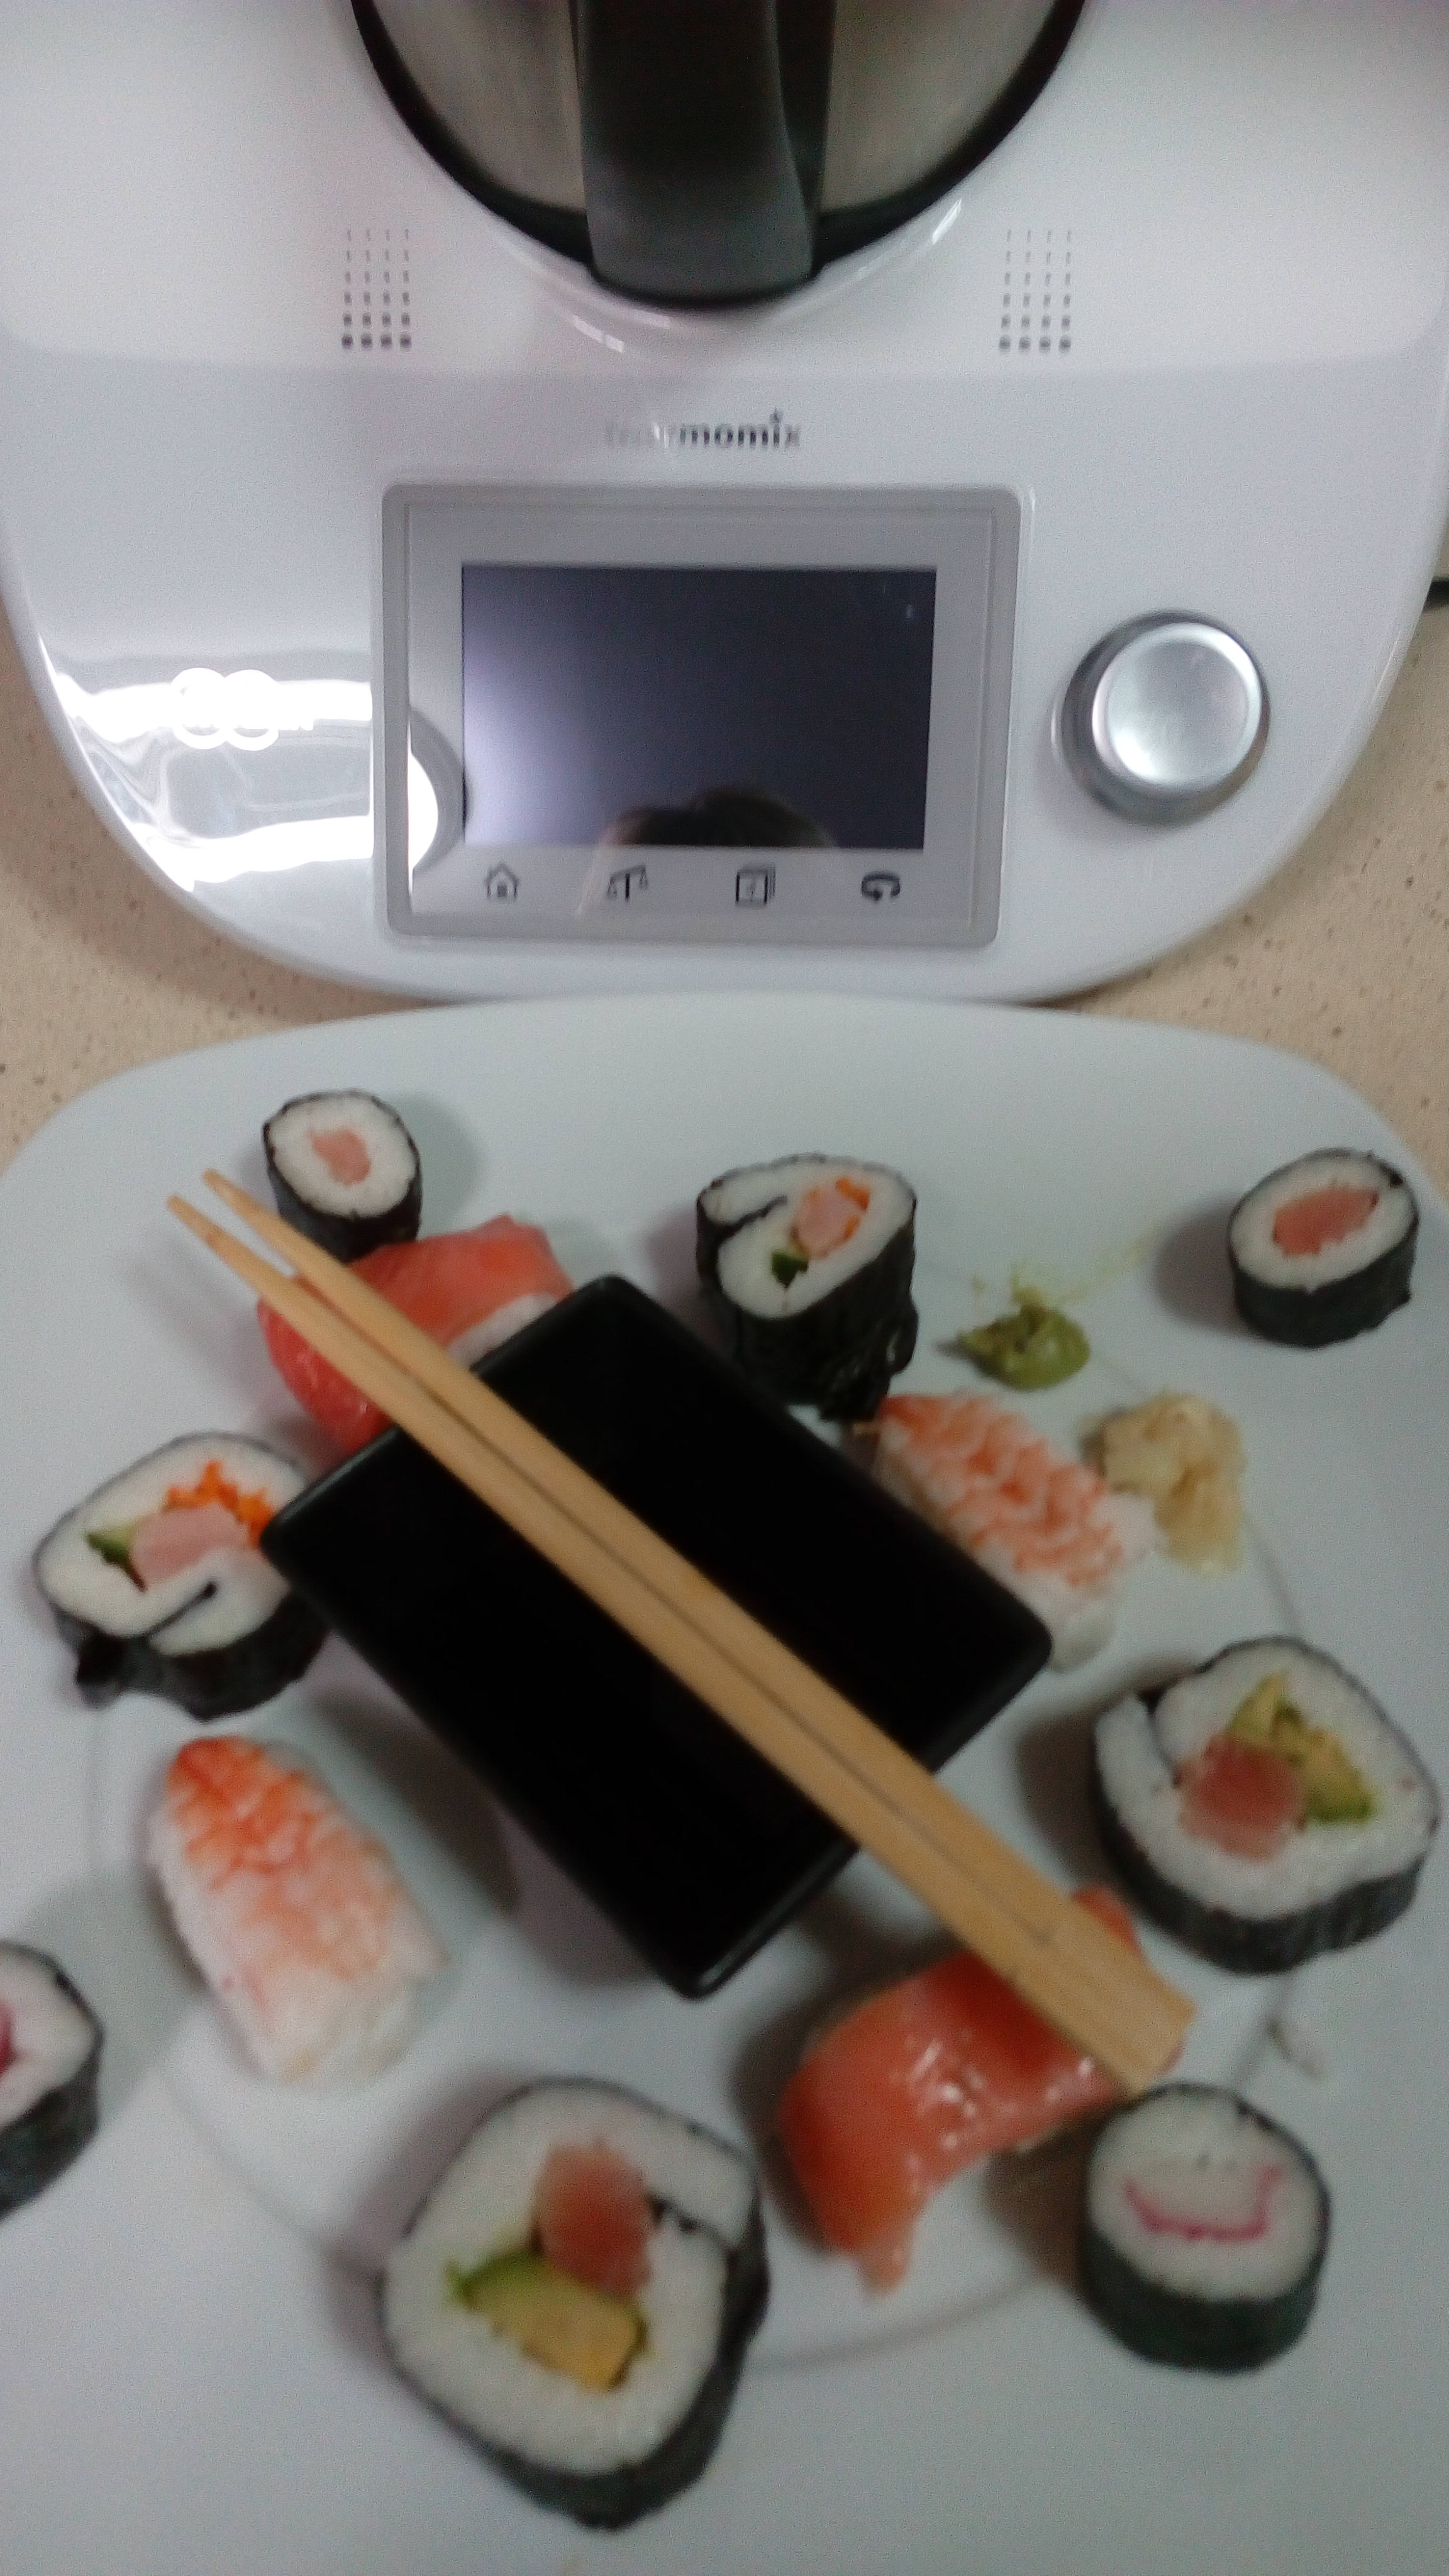 Arroz y aliño para Sushi cocinado en Thermomix®